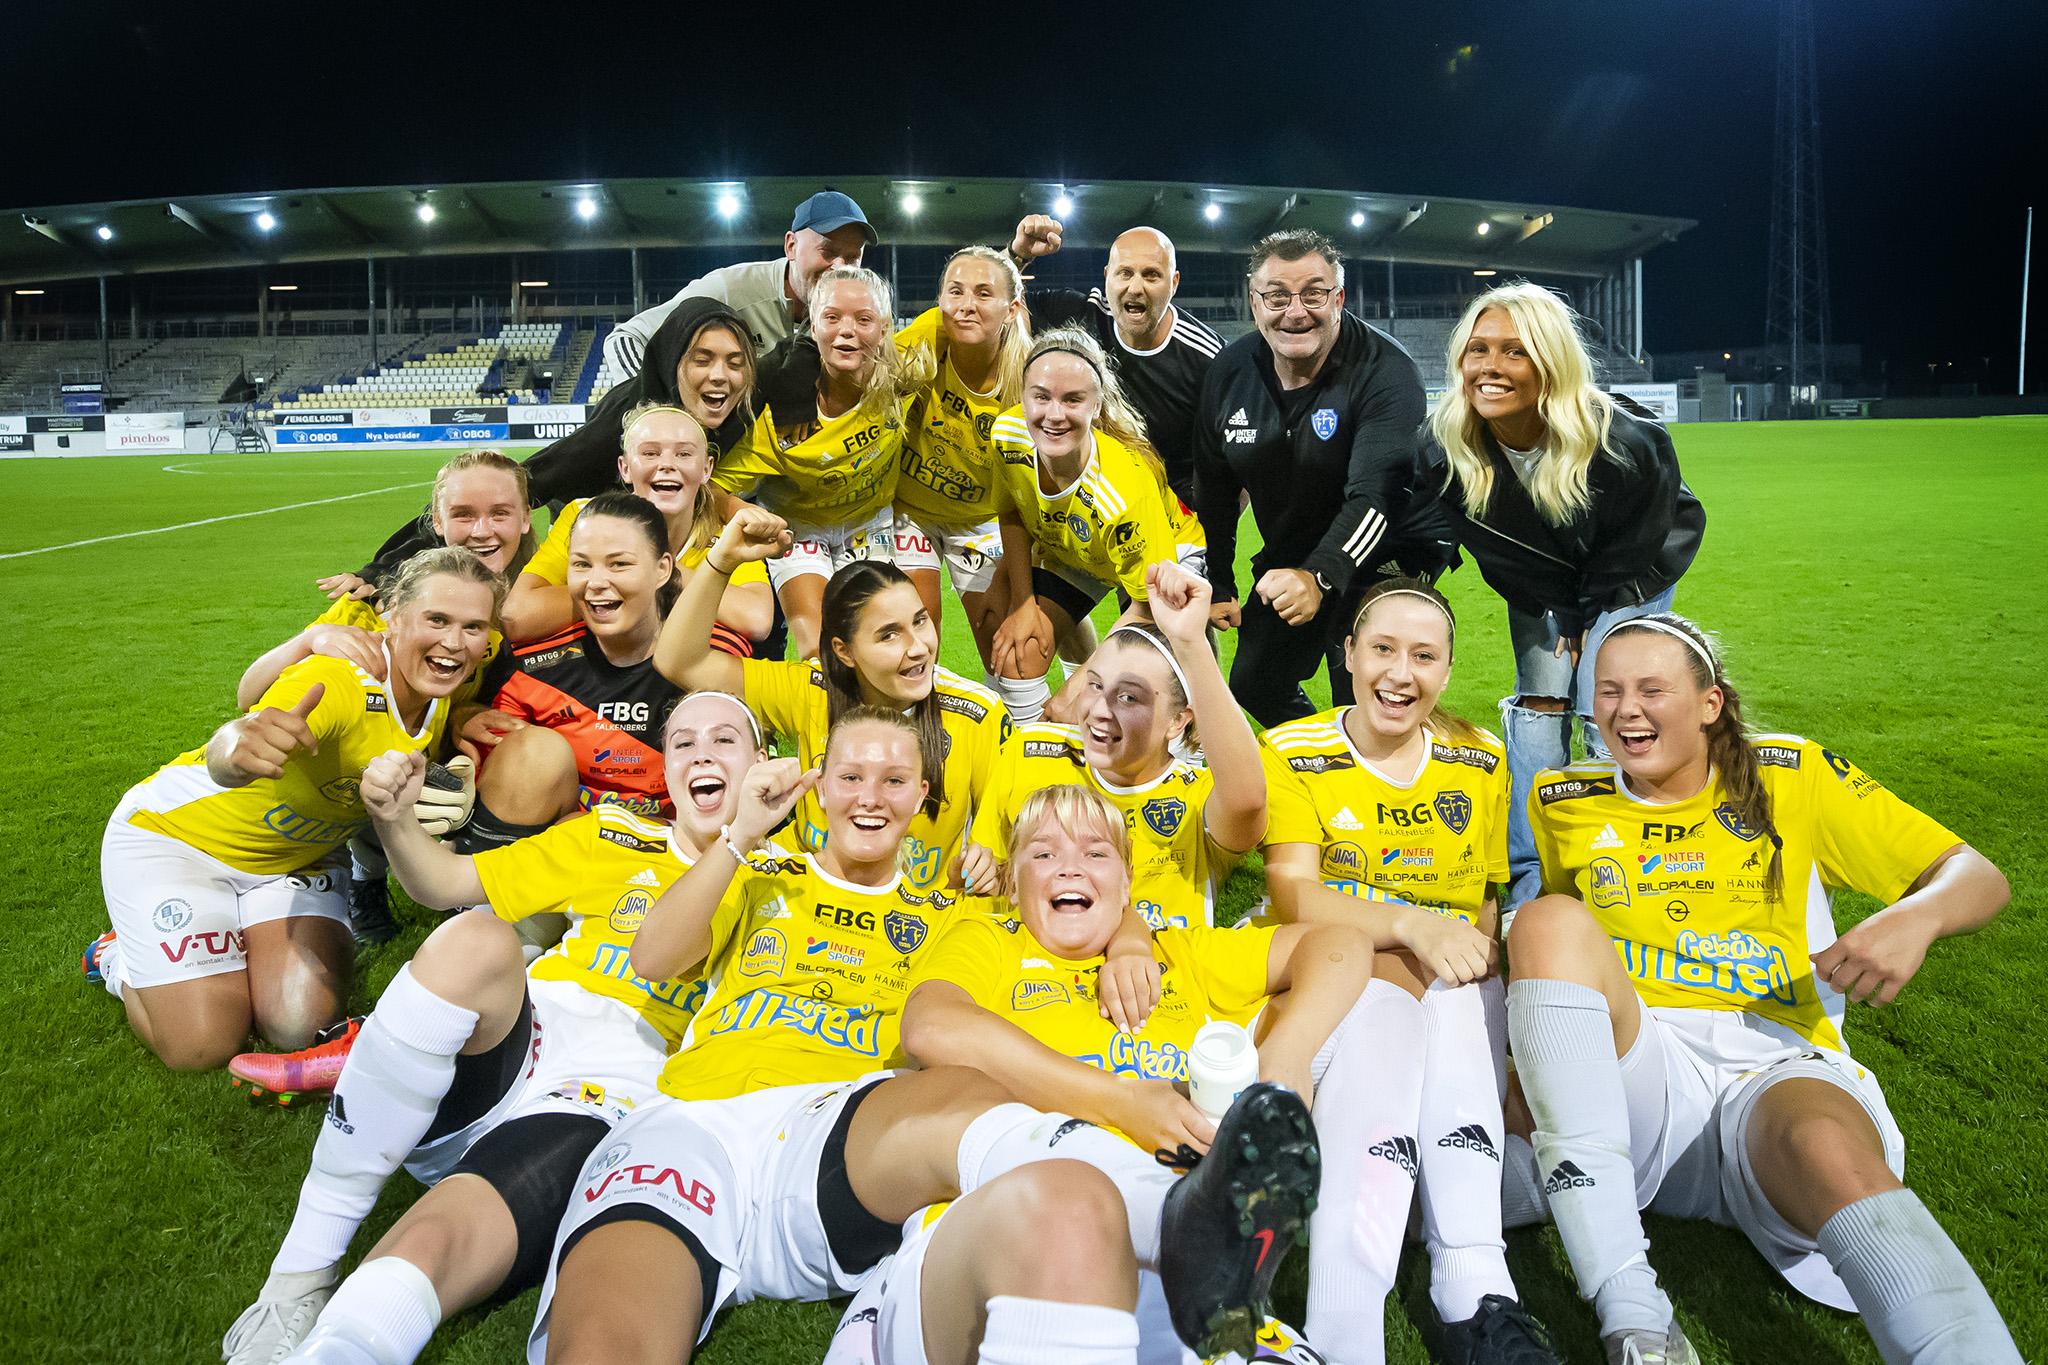 Underbar seger för damerna i toppmötet!